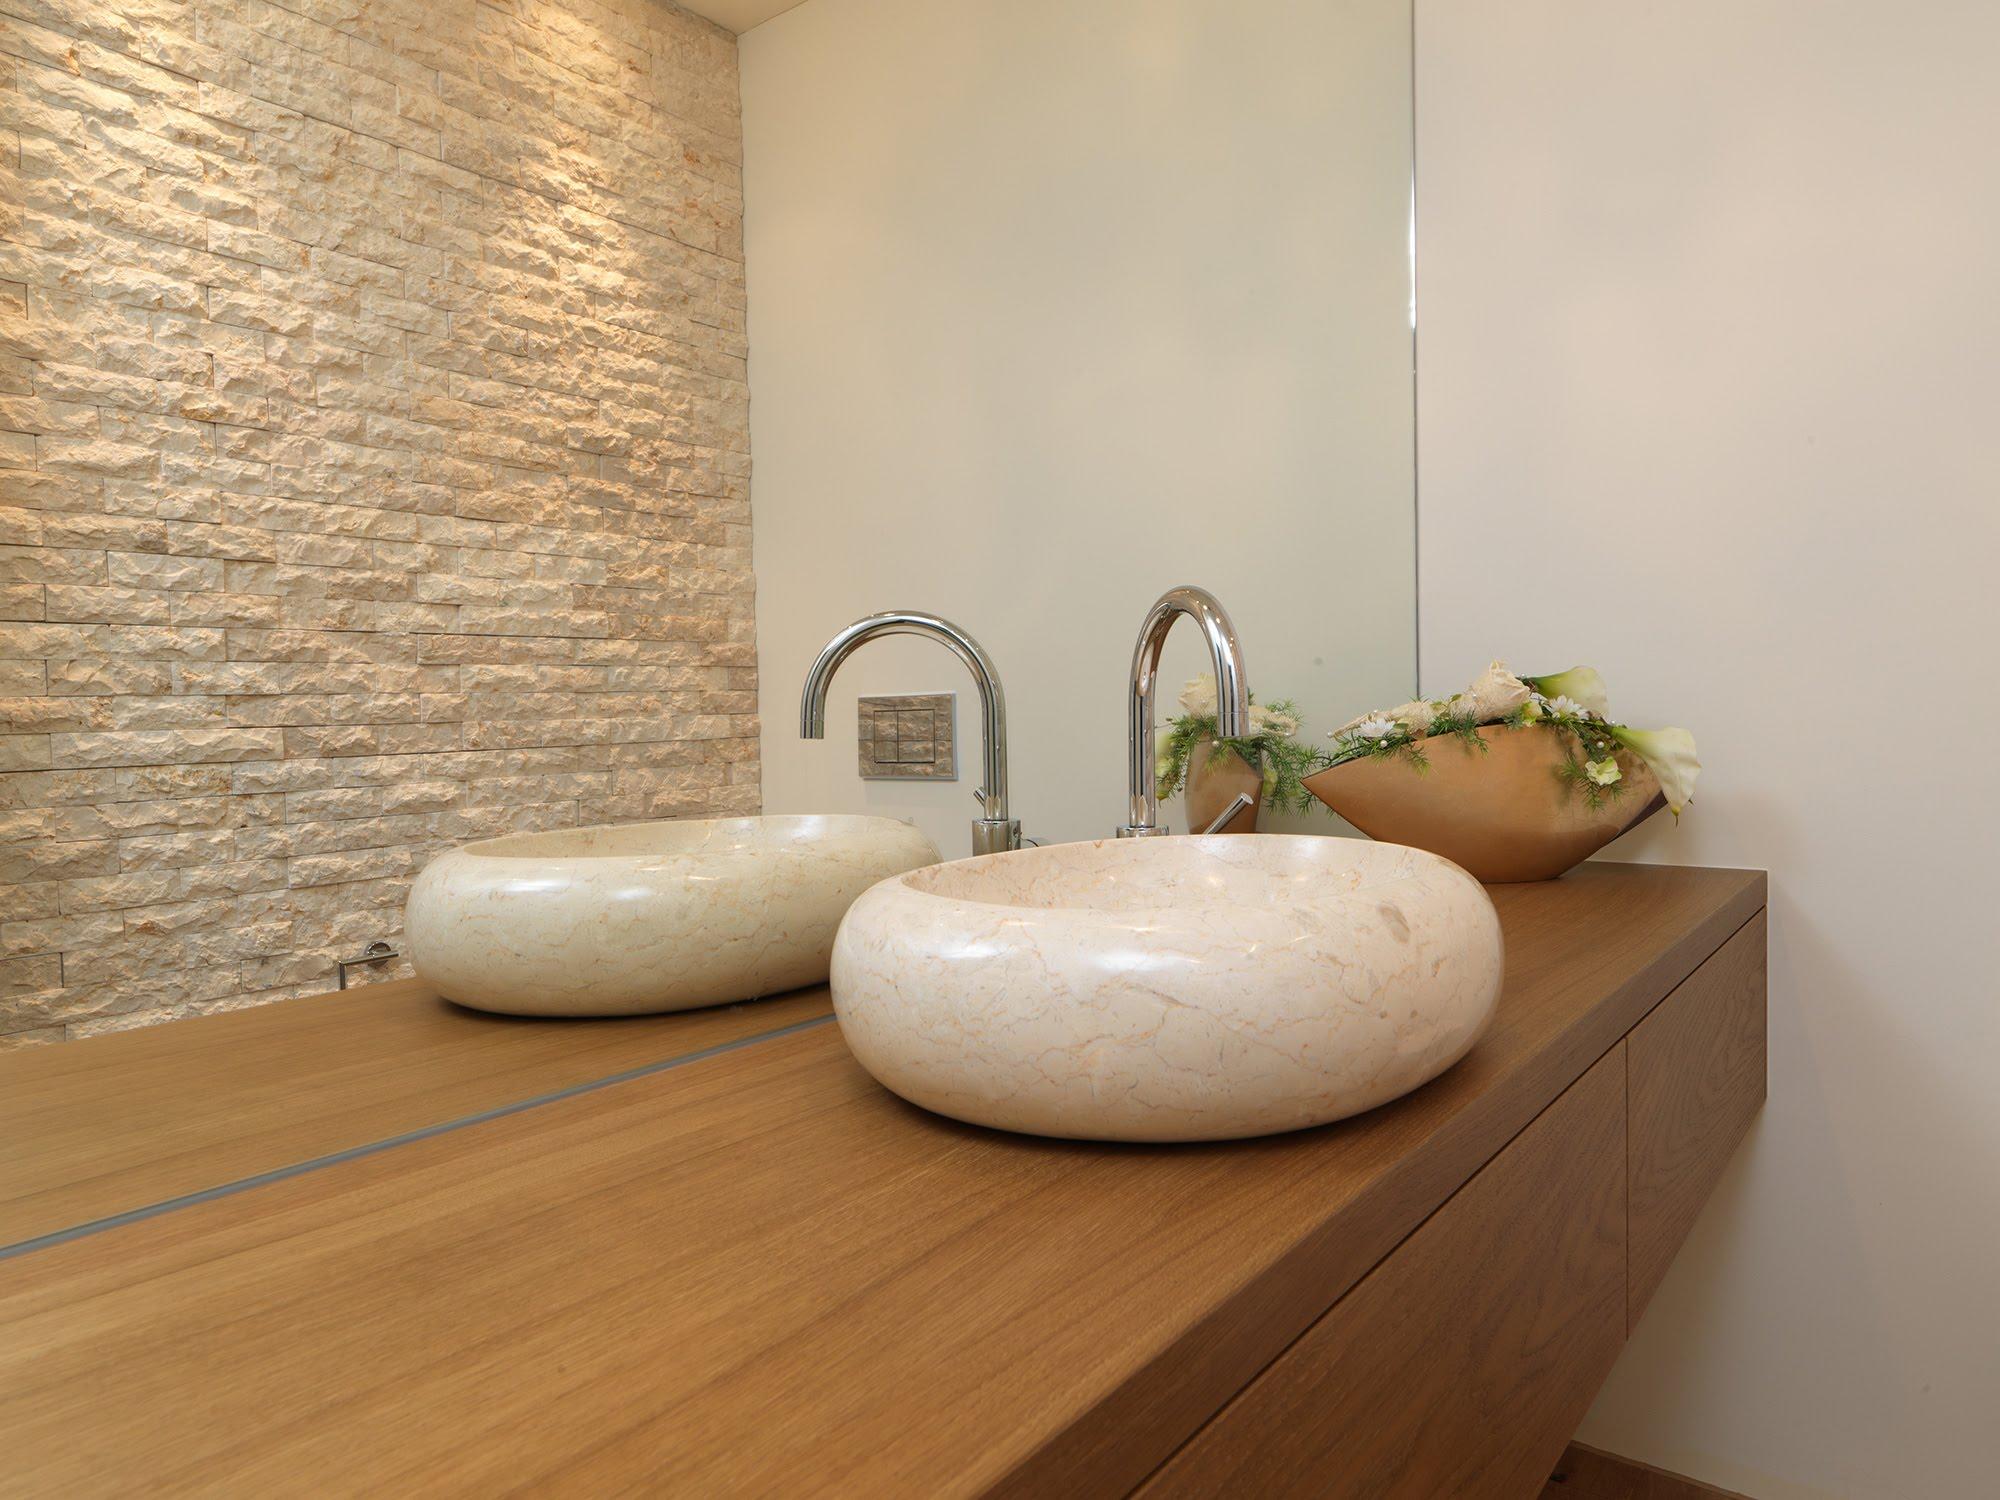 Individuelles Badmöbel - Bäder & Badumbau-Küchen werden immer mehr zum Ort der Begegnung - Sursee, Willisau, Aargau, Zentralschweiz, Luzern, Zofingen